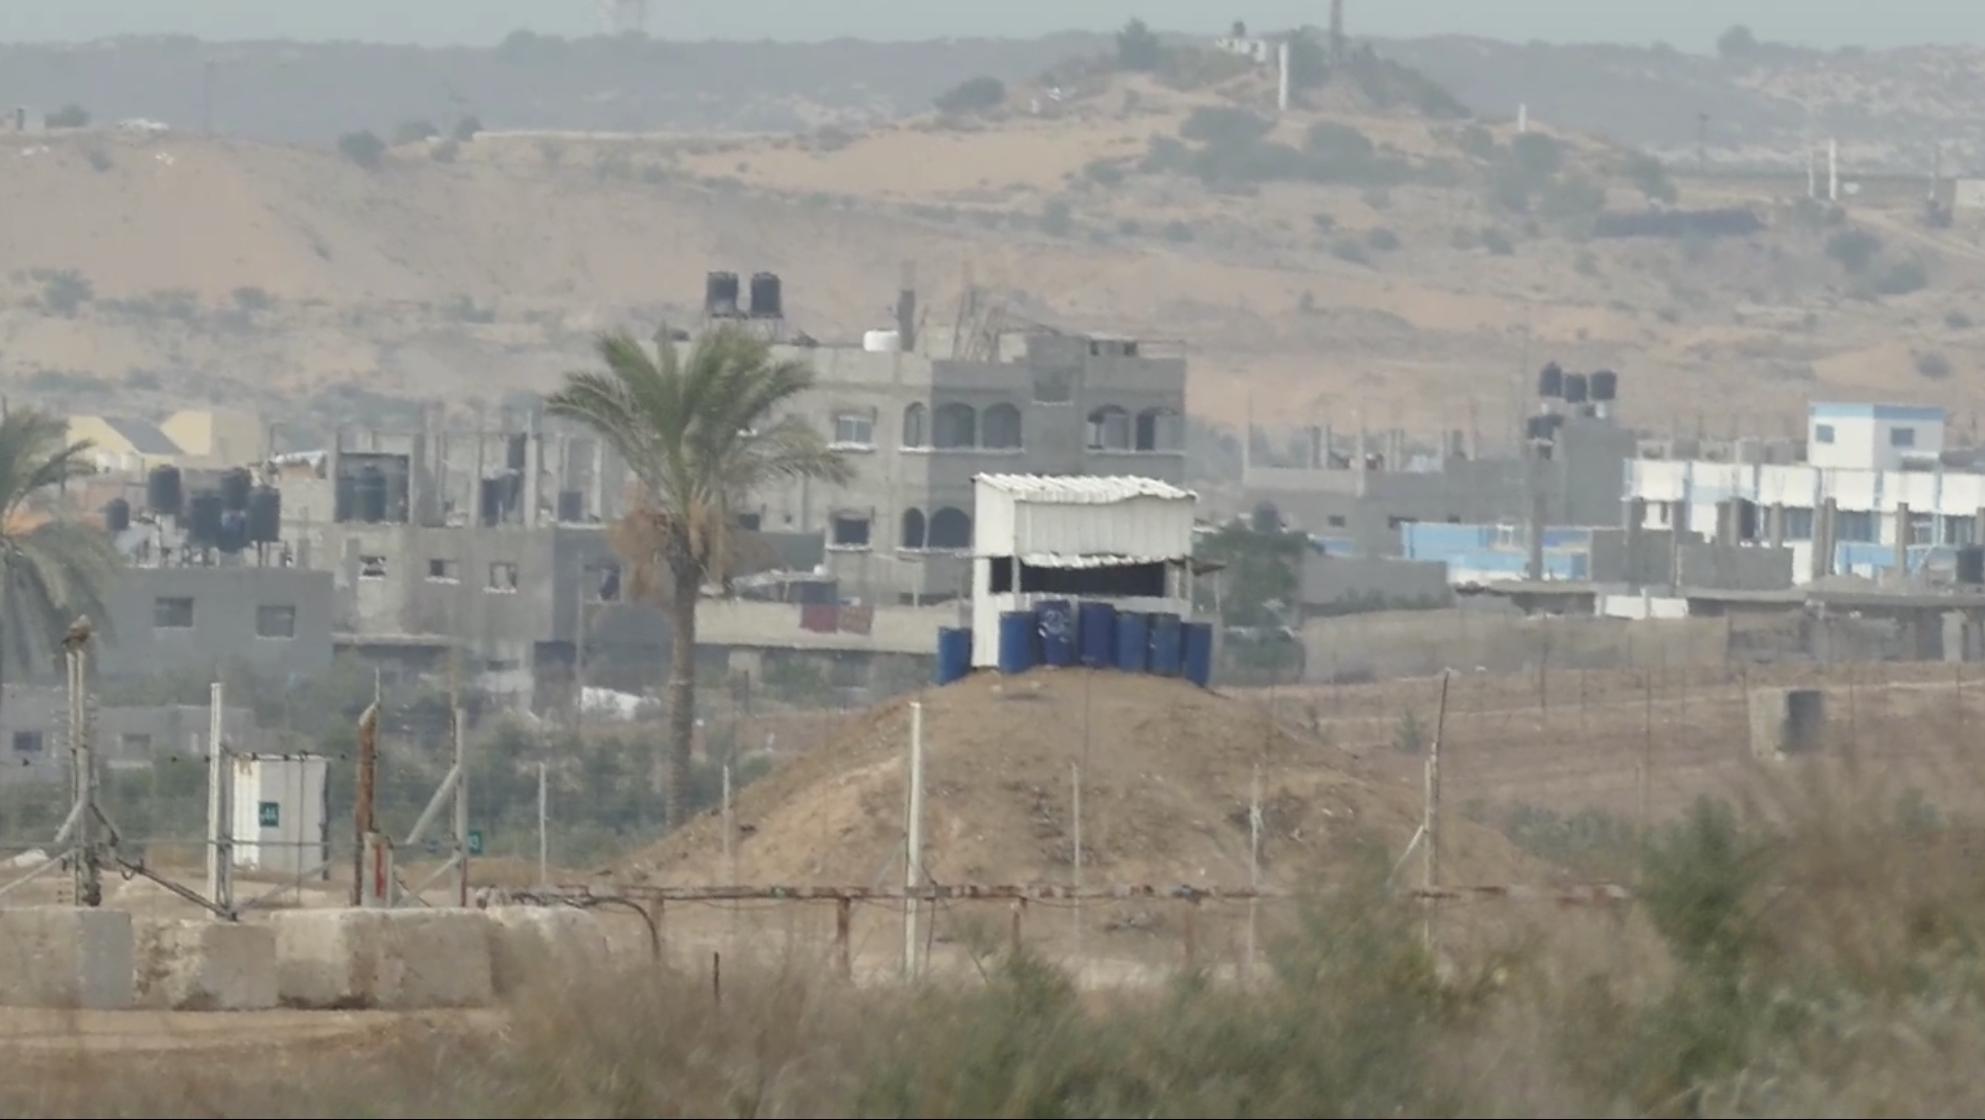 צה״ל מאשר את הפרסום הראשון אמש ב-0404: כלי טיס השמיד עמדת חמאס בעזה